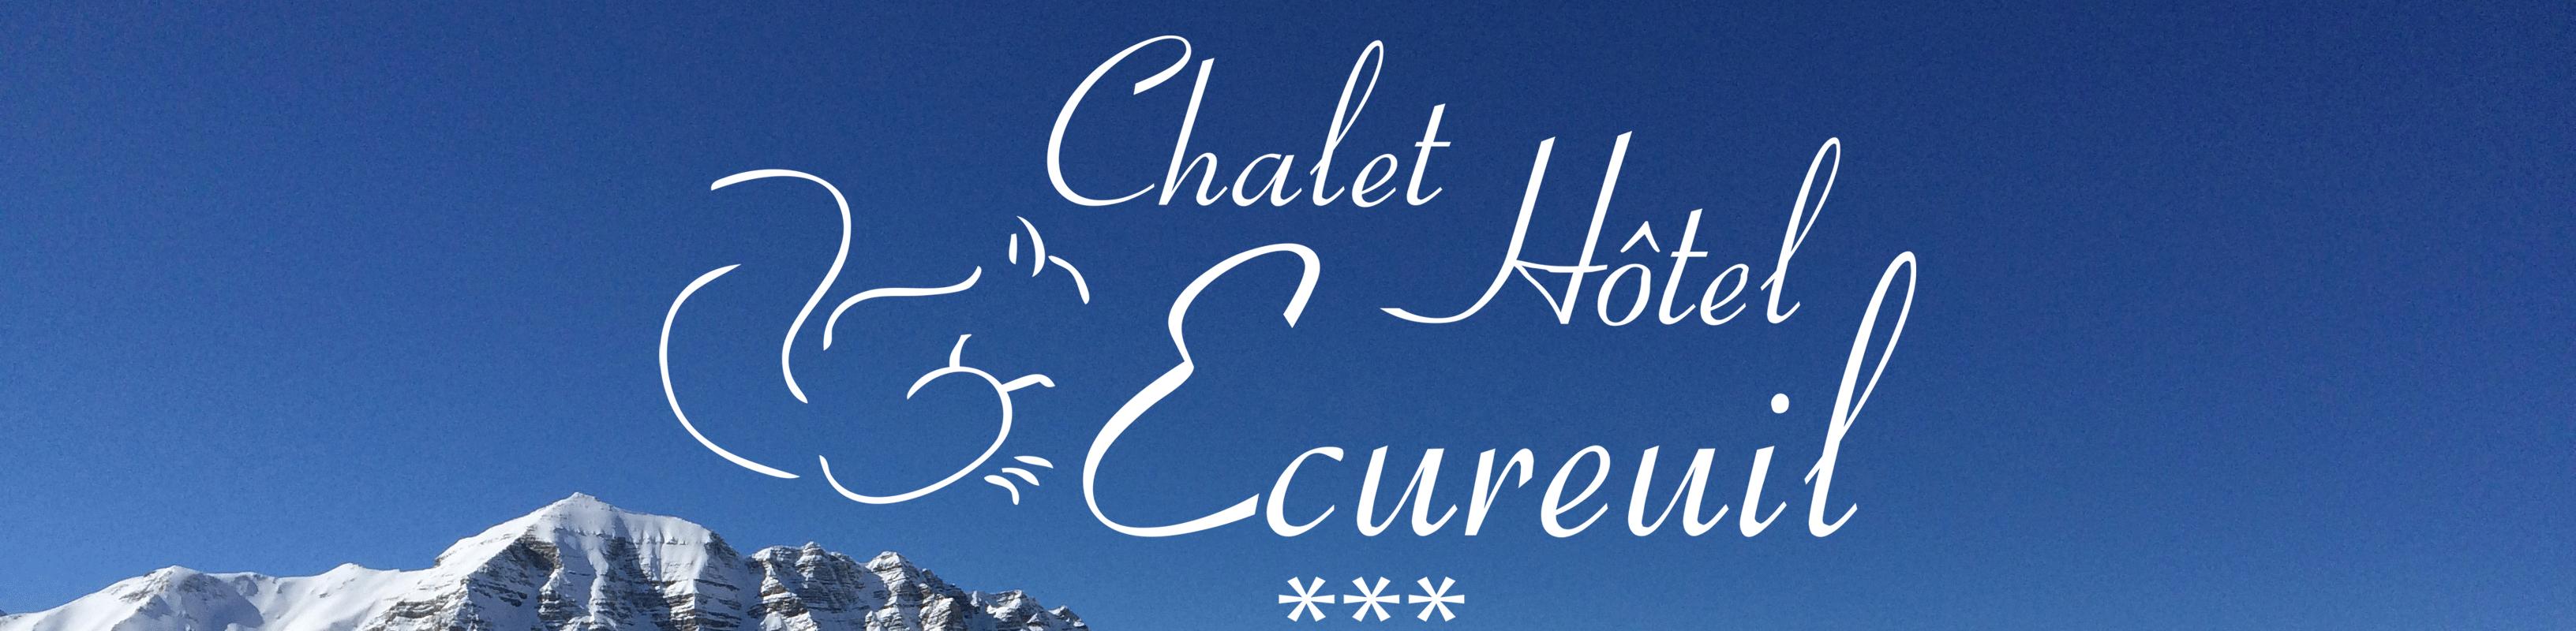 Chalet Hôtel de charme l'Écureuil***